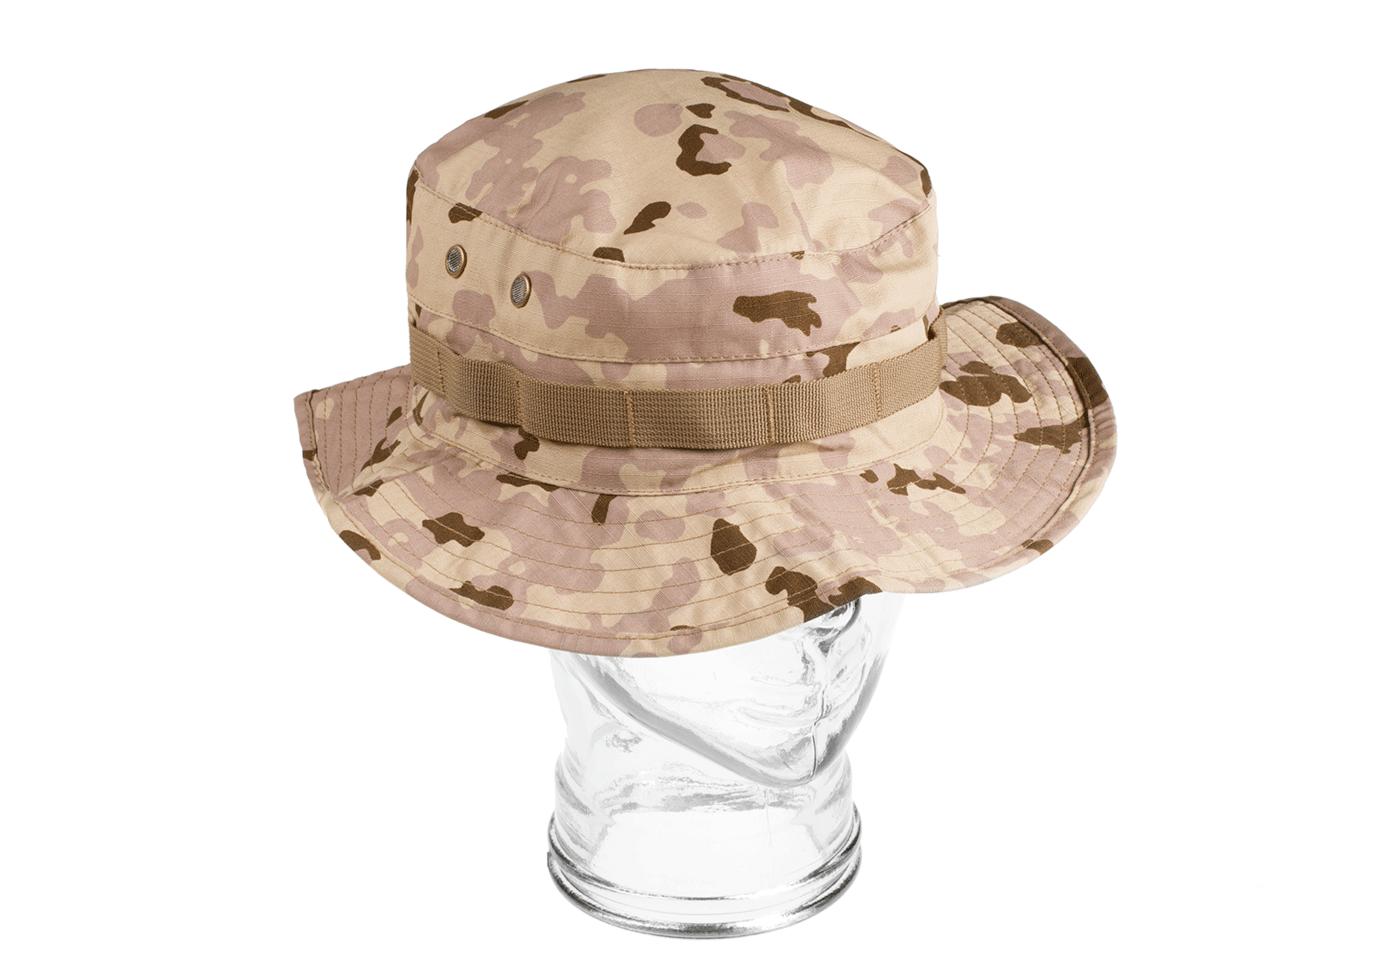 Boonie Hat Wüstentarn 59   L - Boonies - Kopfbedeckungen - Bekleidung -  invadergear.com Onlineshop 2509fdbc1123